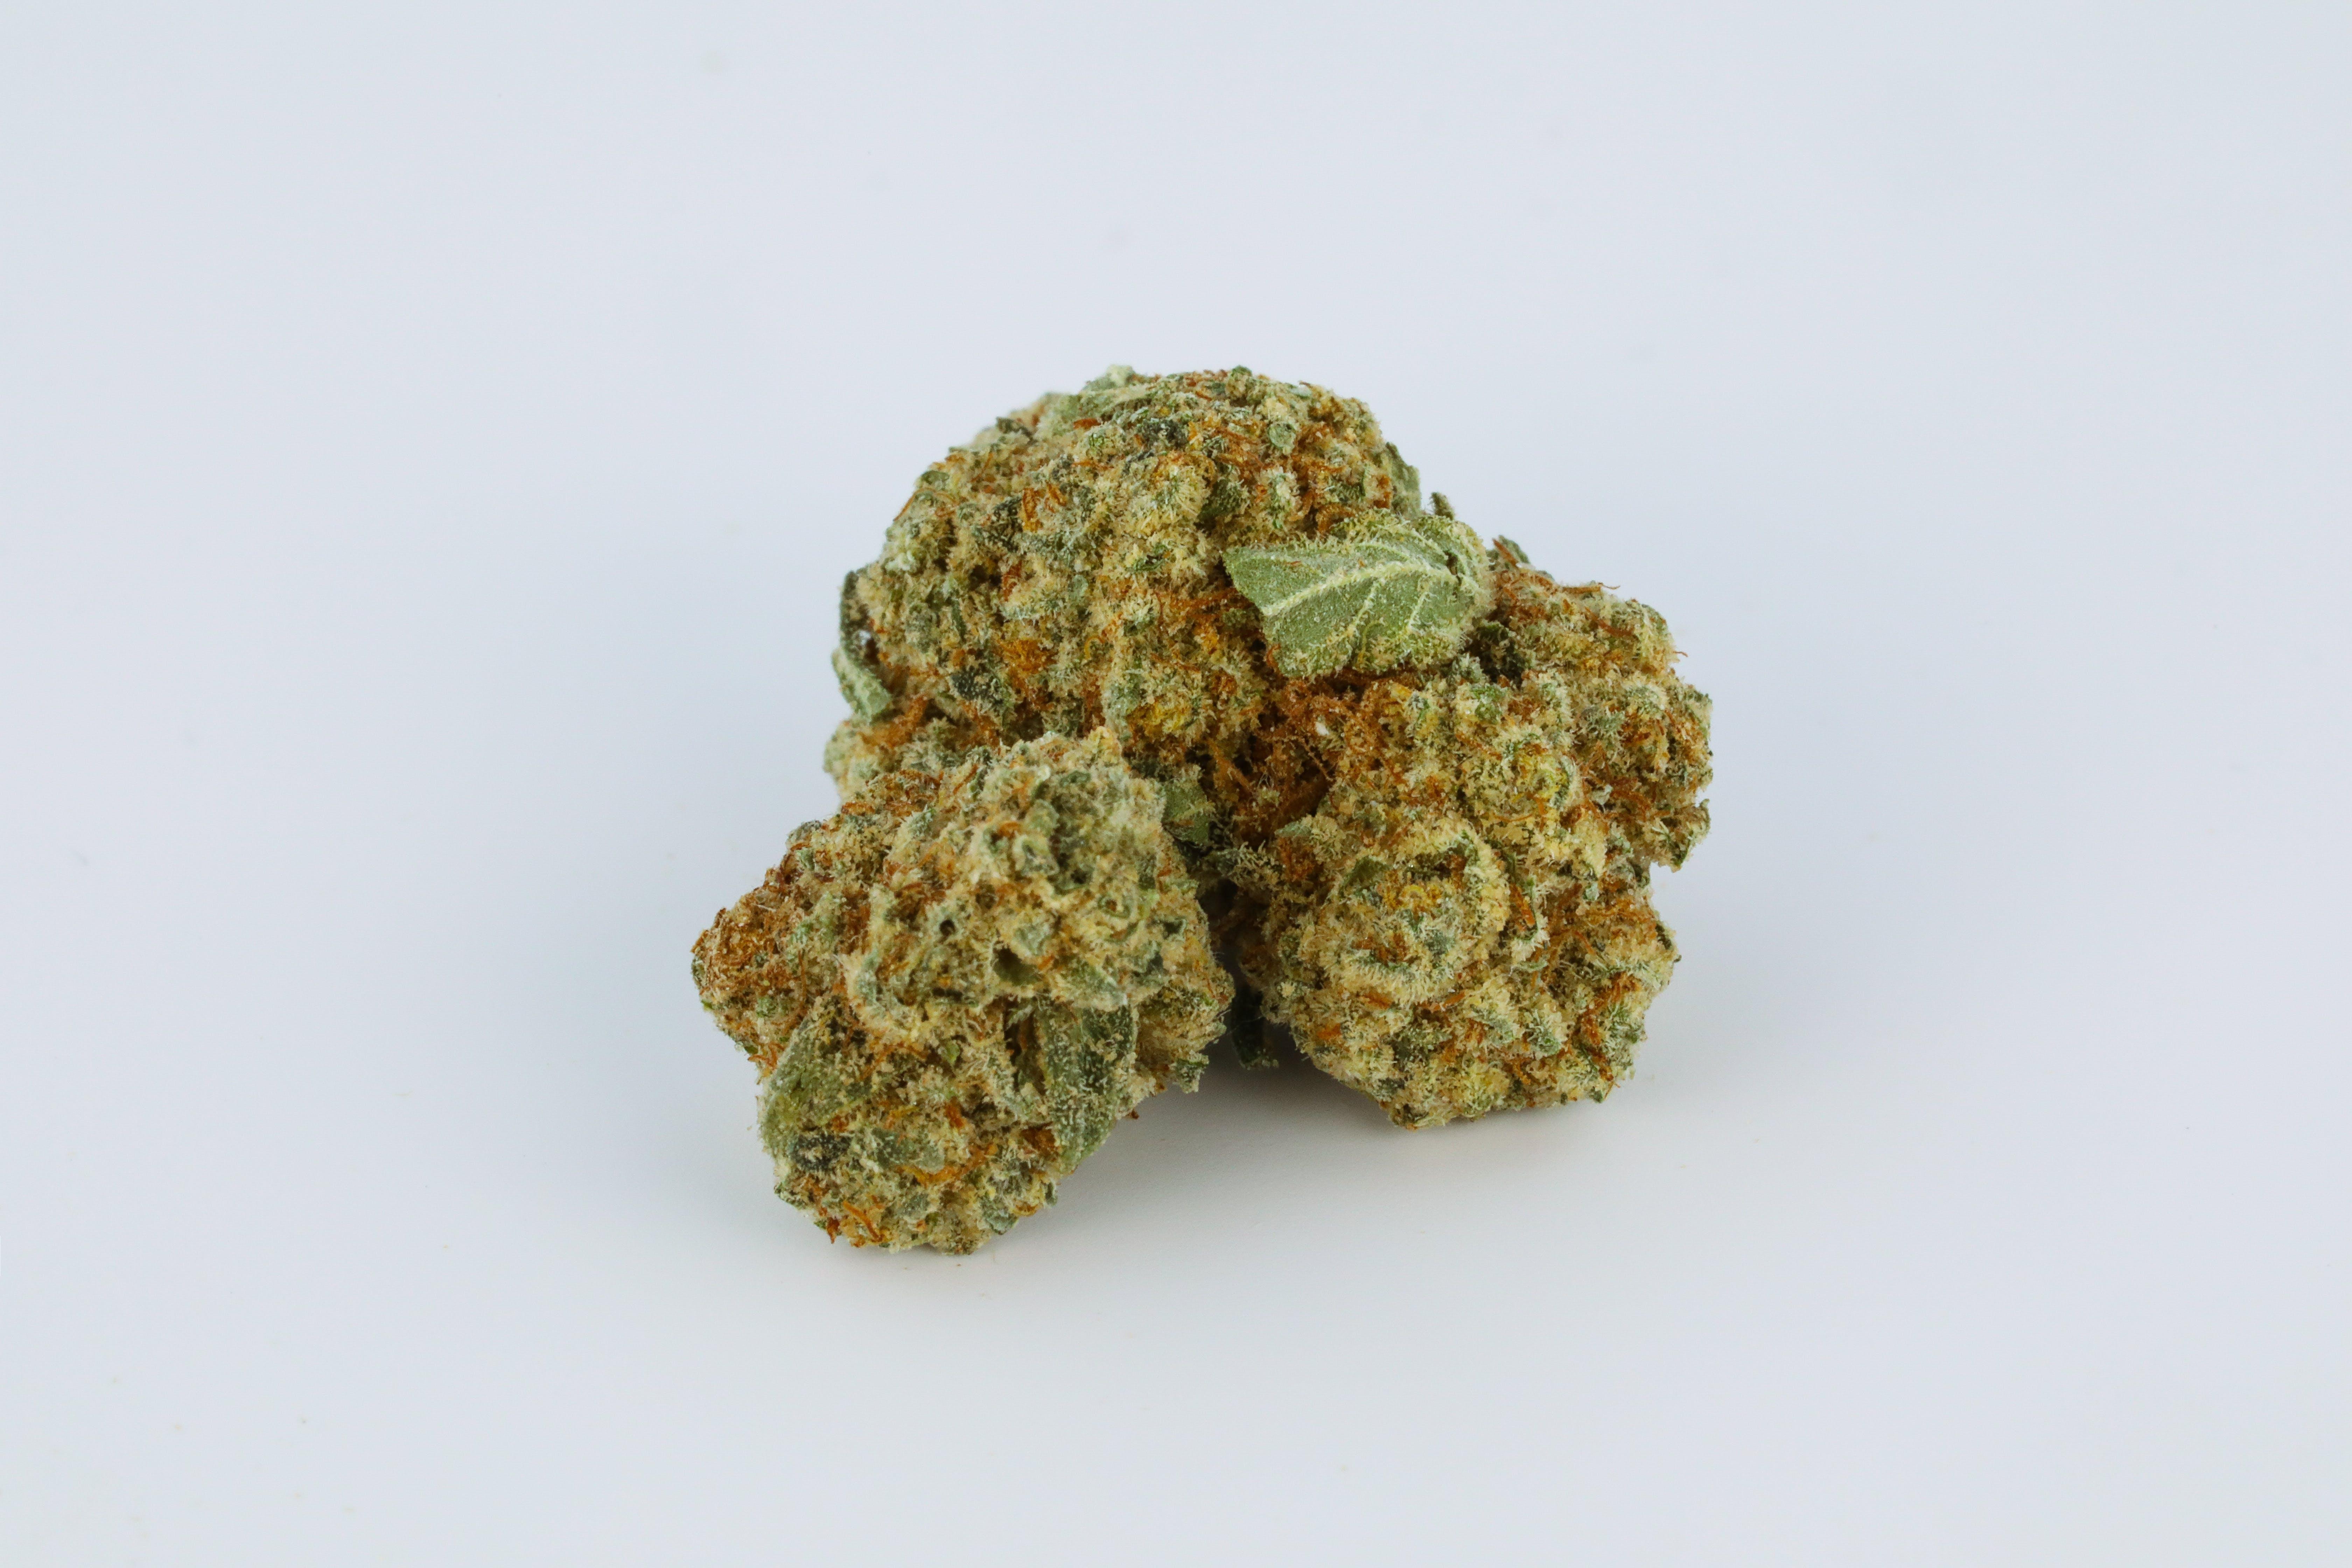 Champagne Kush Weed; Champagne Kush Cannabis Strain; Champagne Kush Hybrid Marijuana Strain